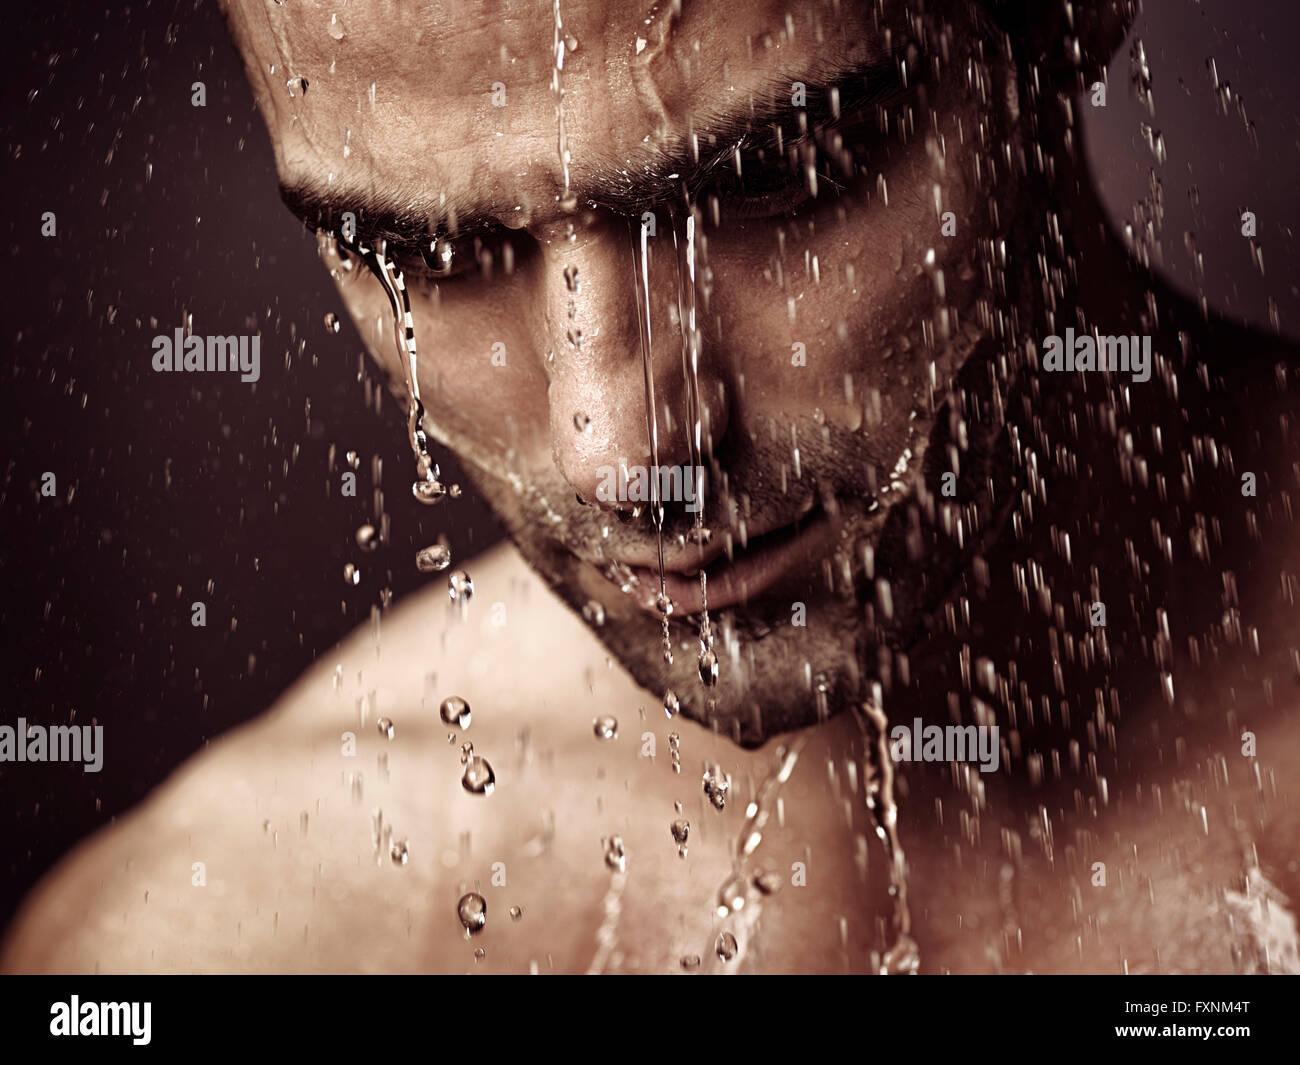 Pensativo hombre atribulado rostro bajo la ducha Foto de stock